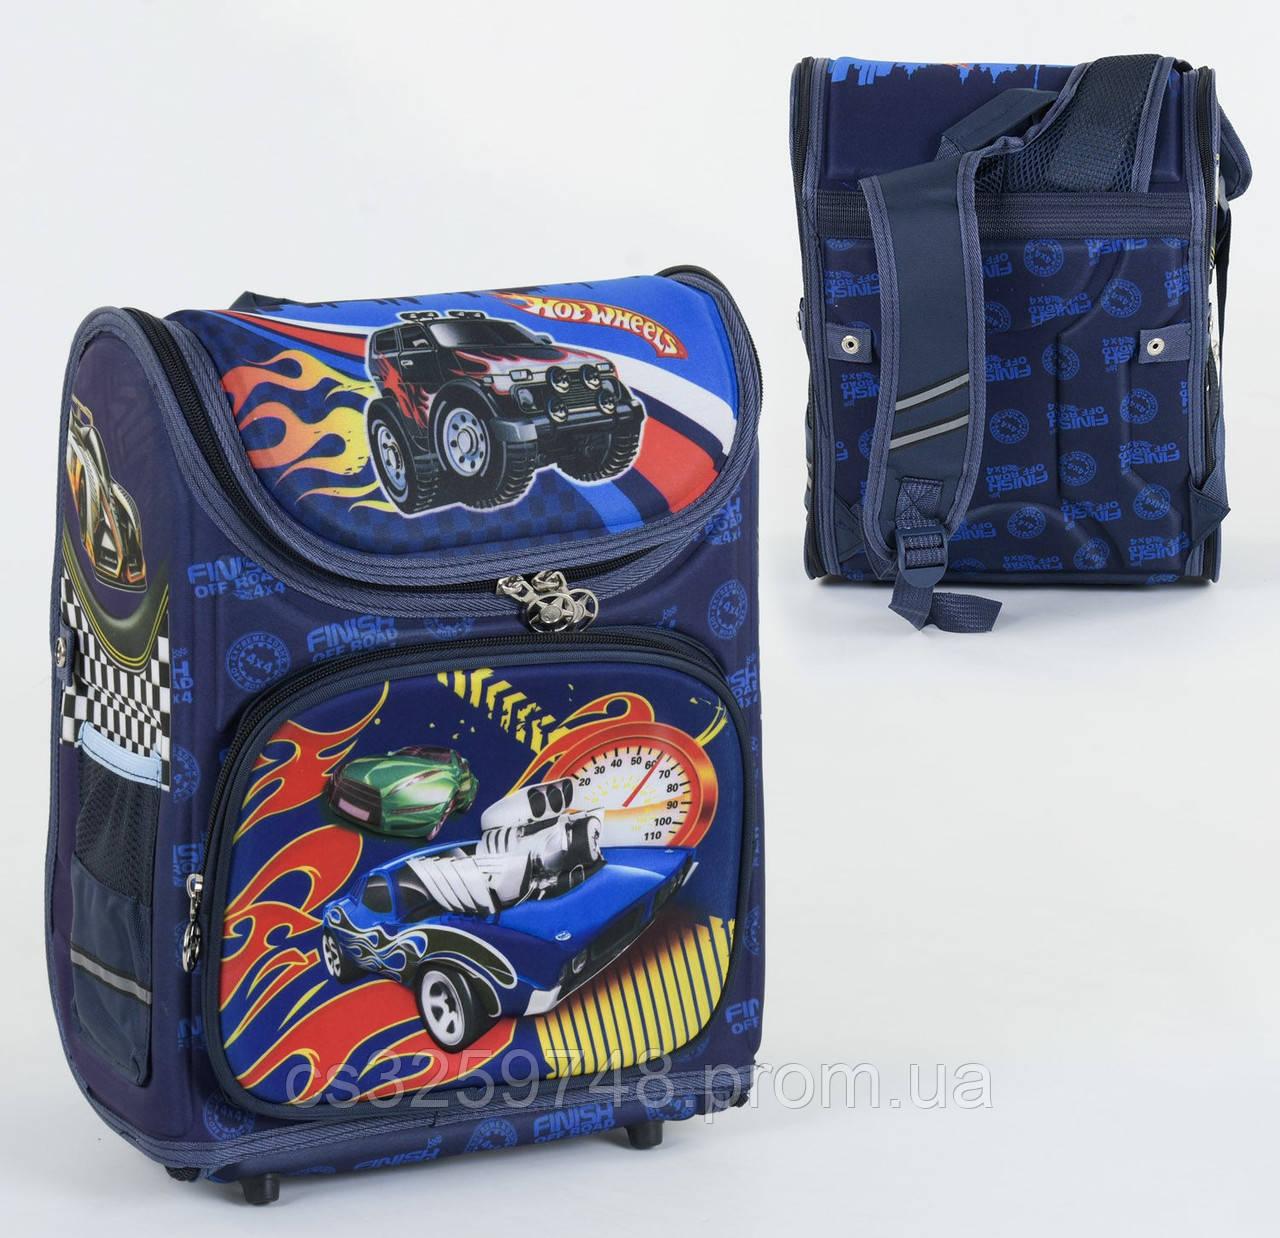 Школьный каркасный рюкзак С 36172 с ортопедической спинкой на 1 большое отделение и 3 кармана, 3D принт